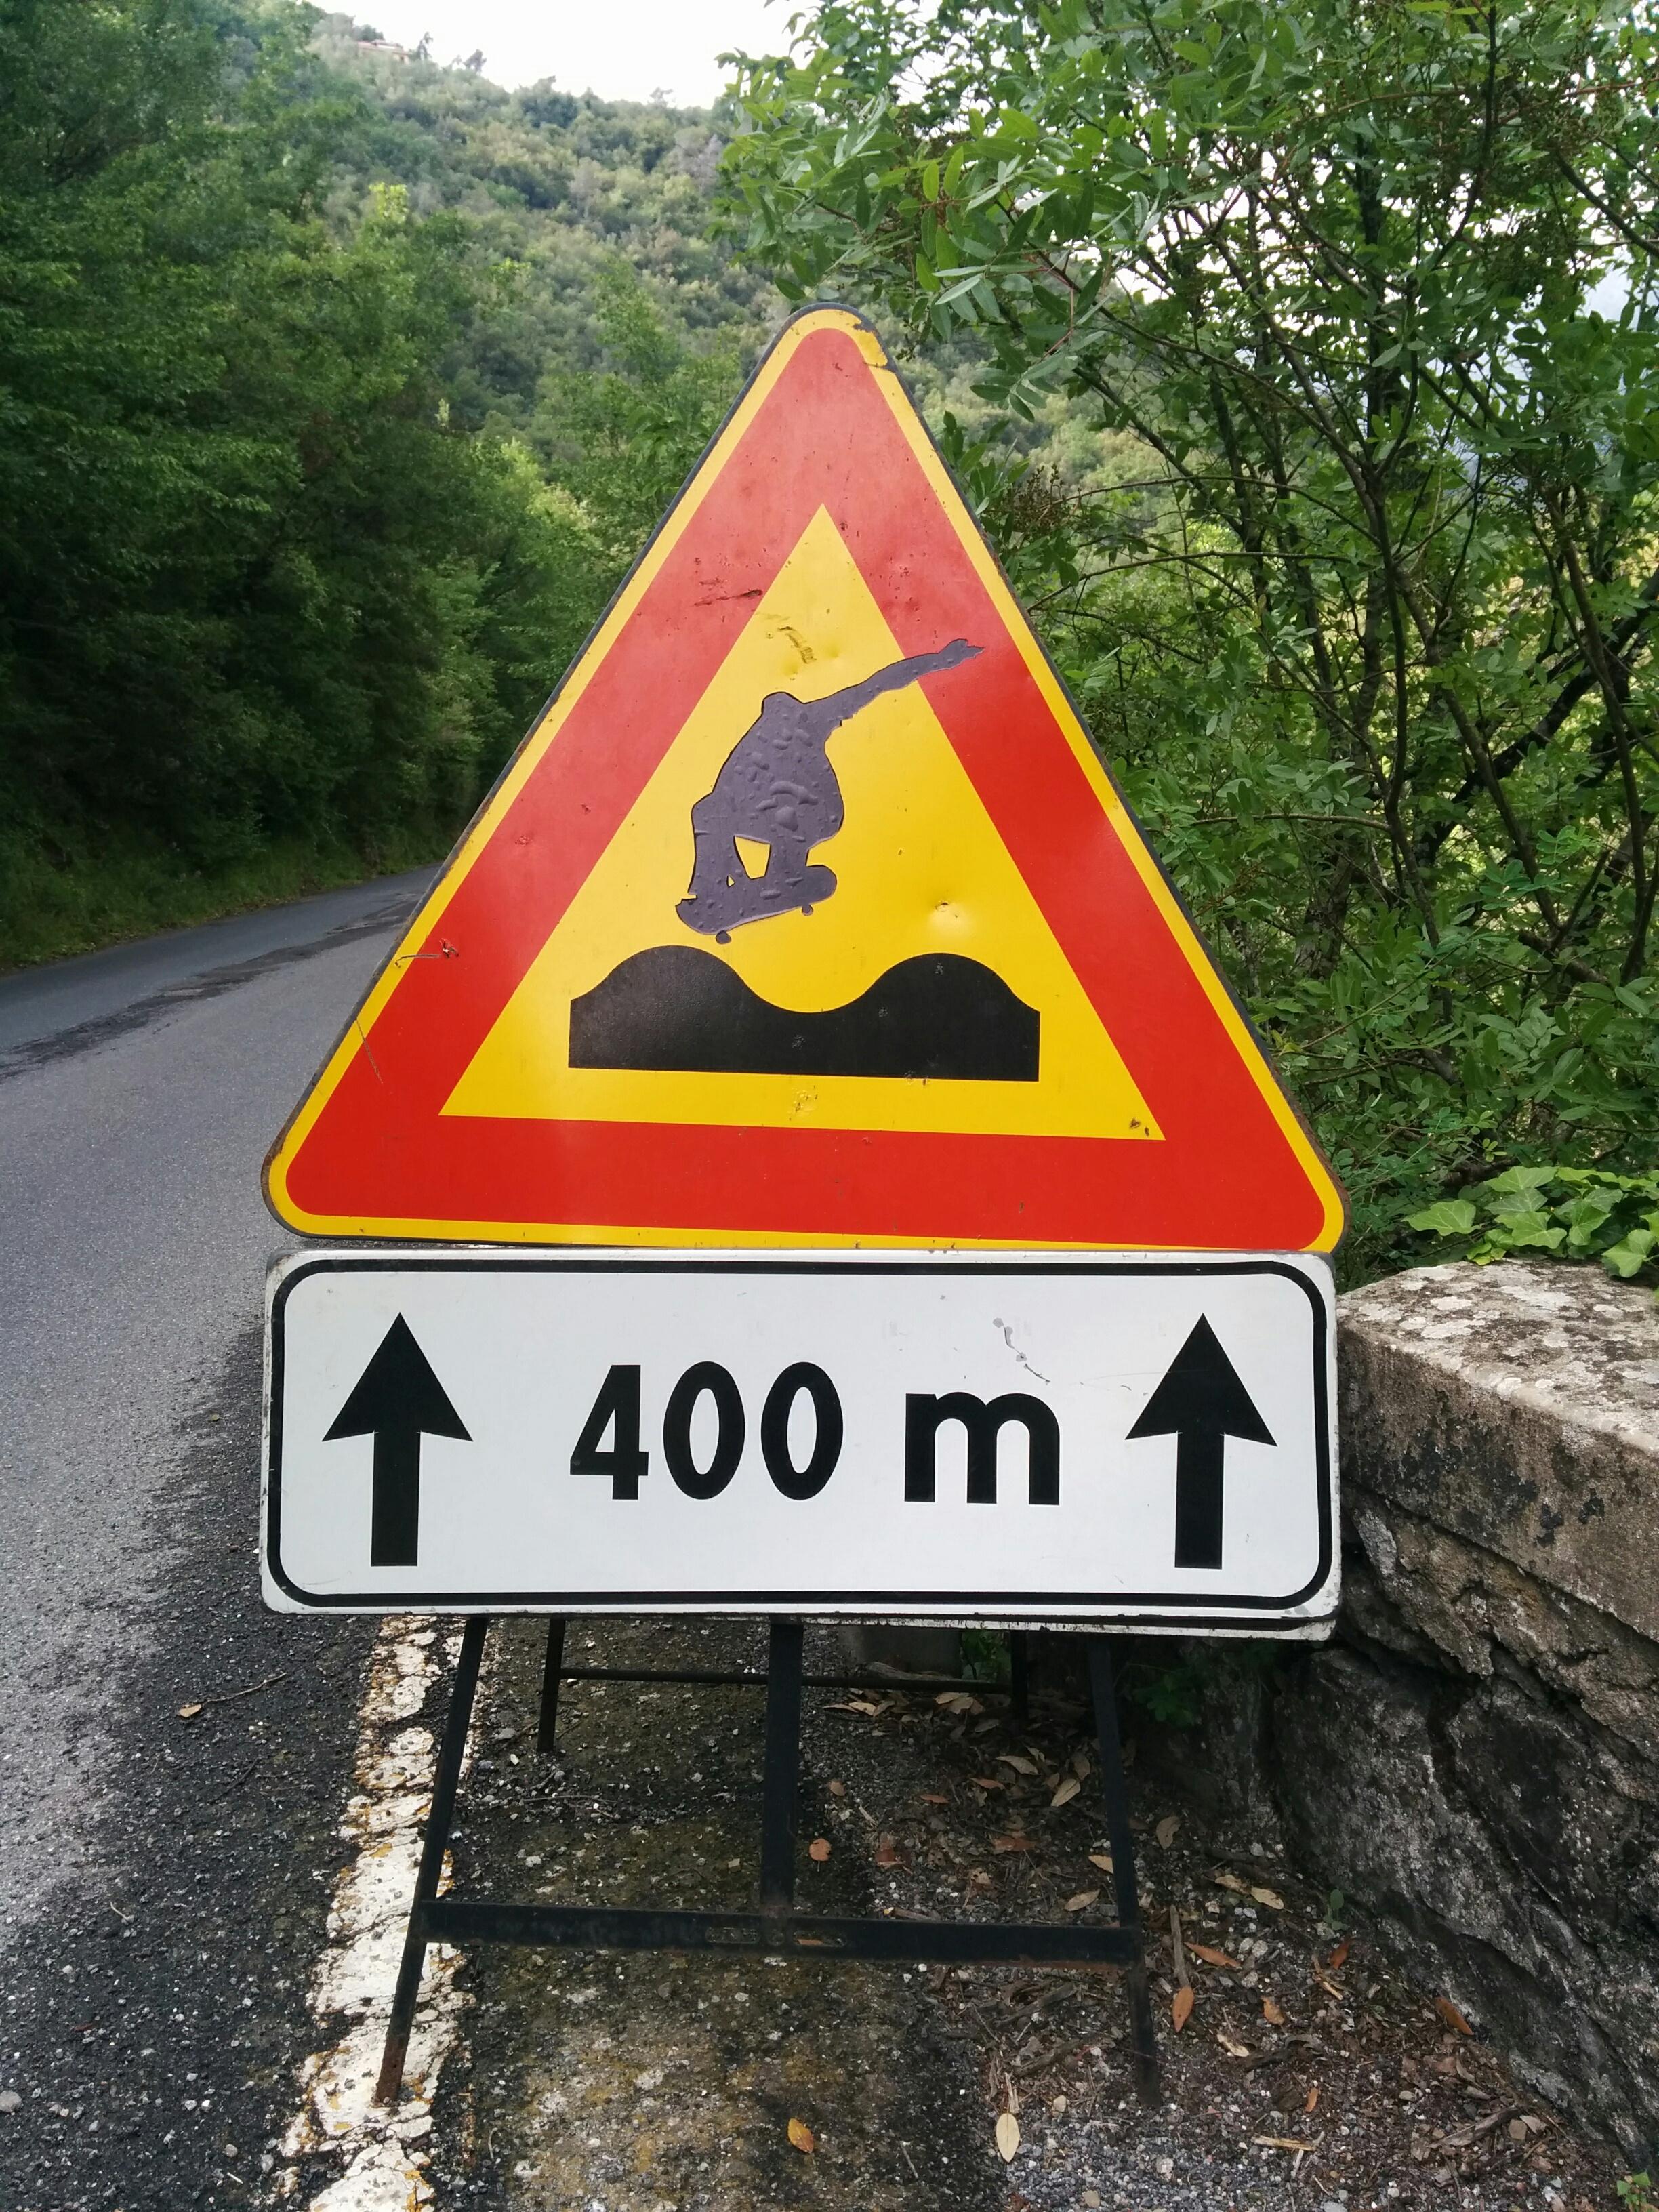 Vorsicht: 400 m Skater